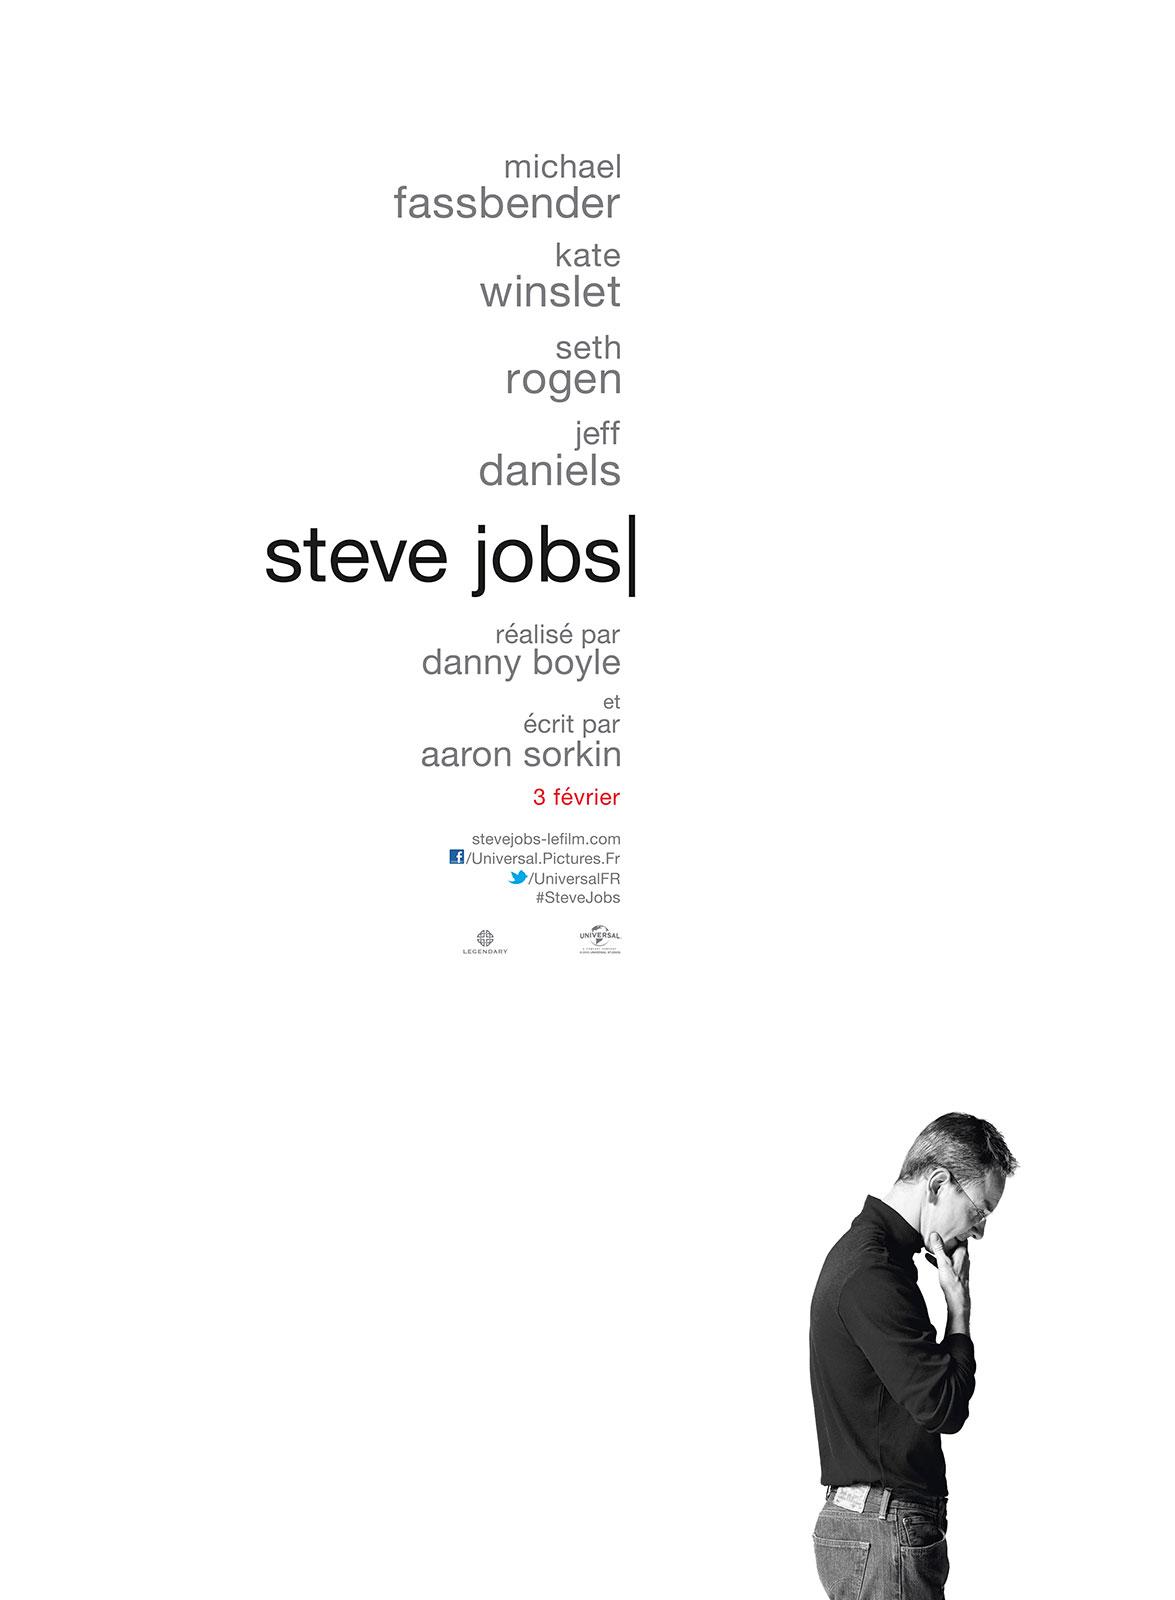 top-20-des-plus-belles-affiches-de-films-de-annee-2016-folkr-07-steve-jobs